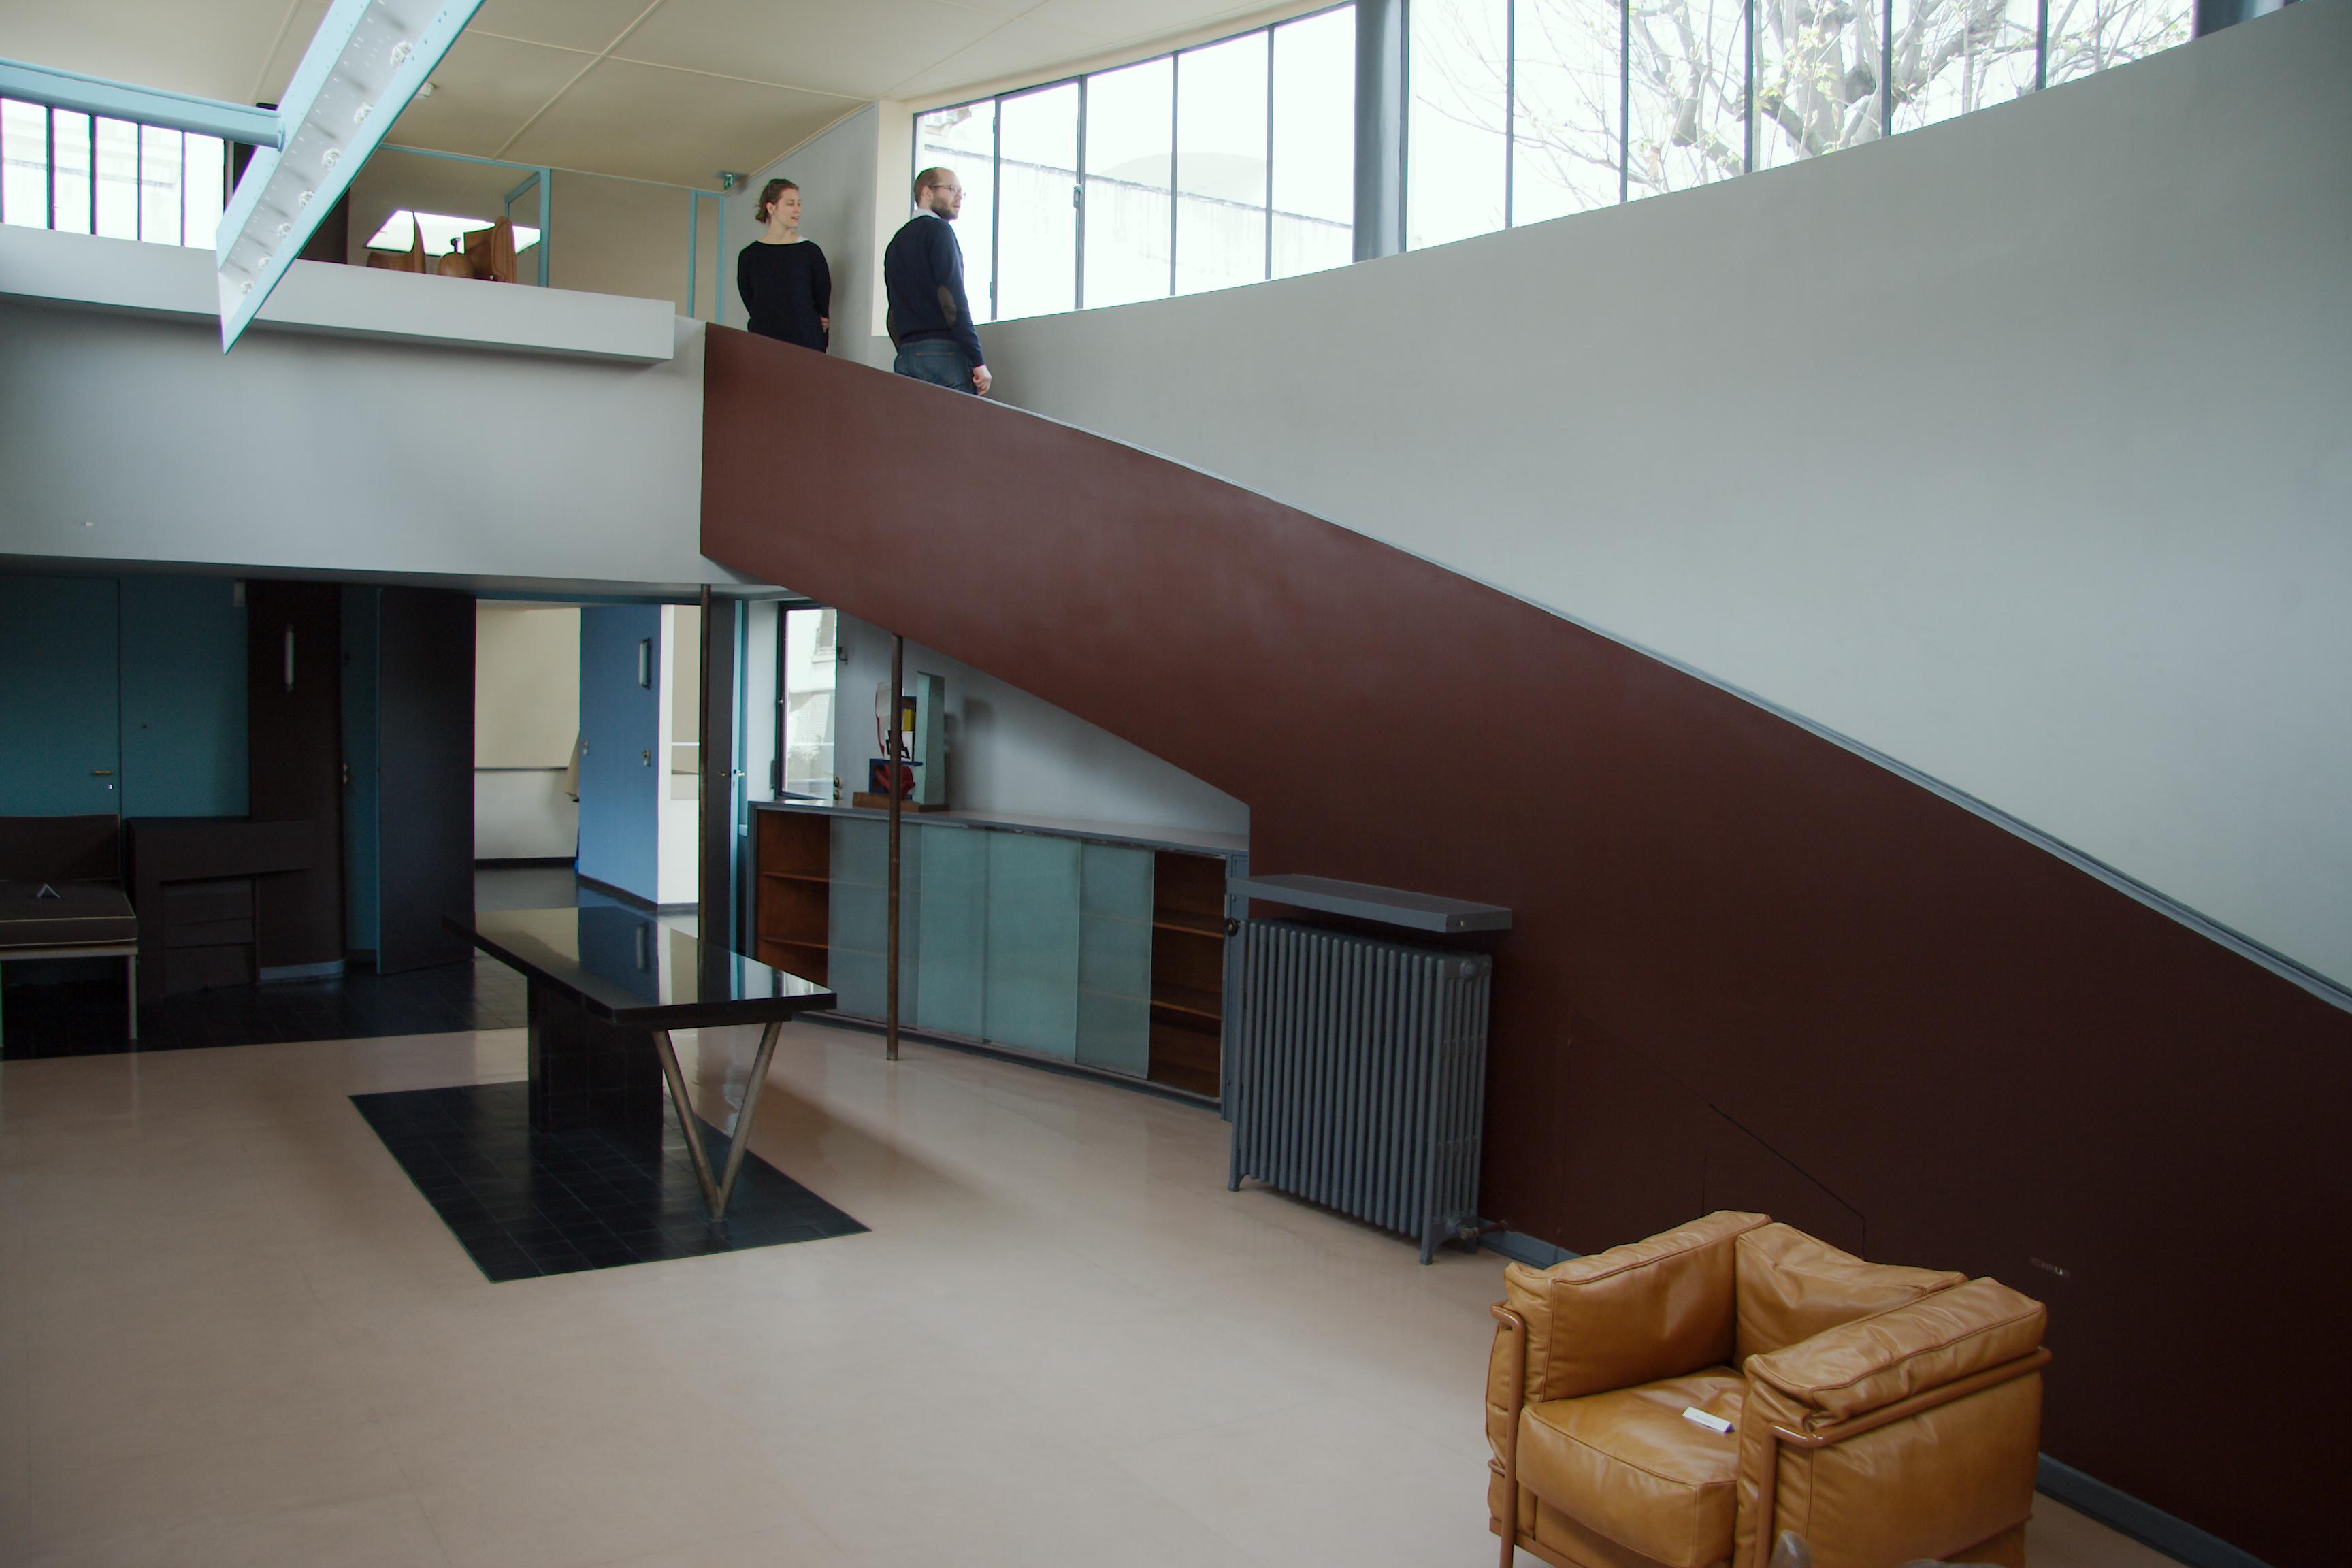 File:Villa La Roche 2013.jpg - Wikipedia